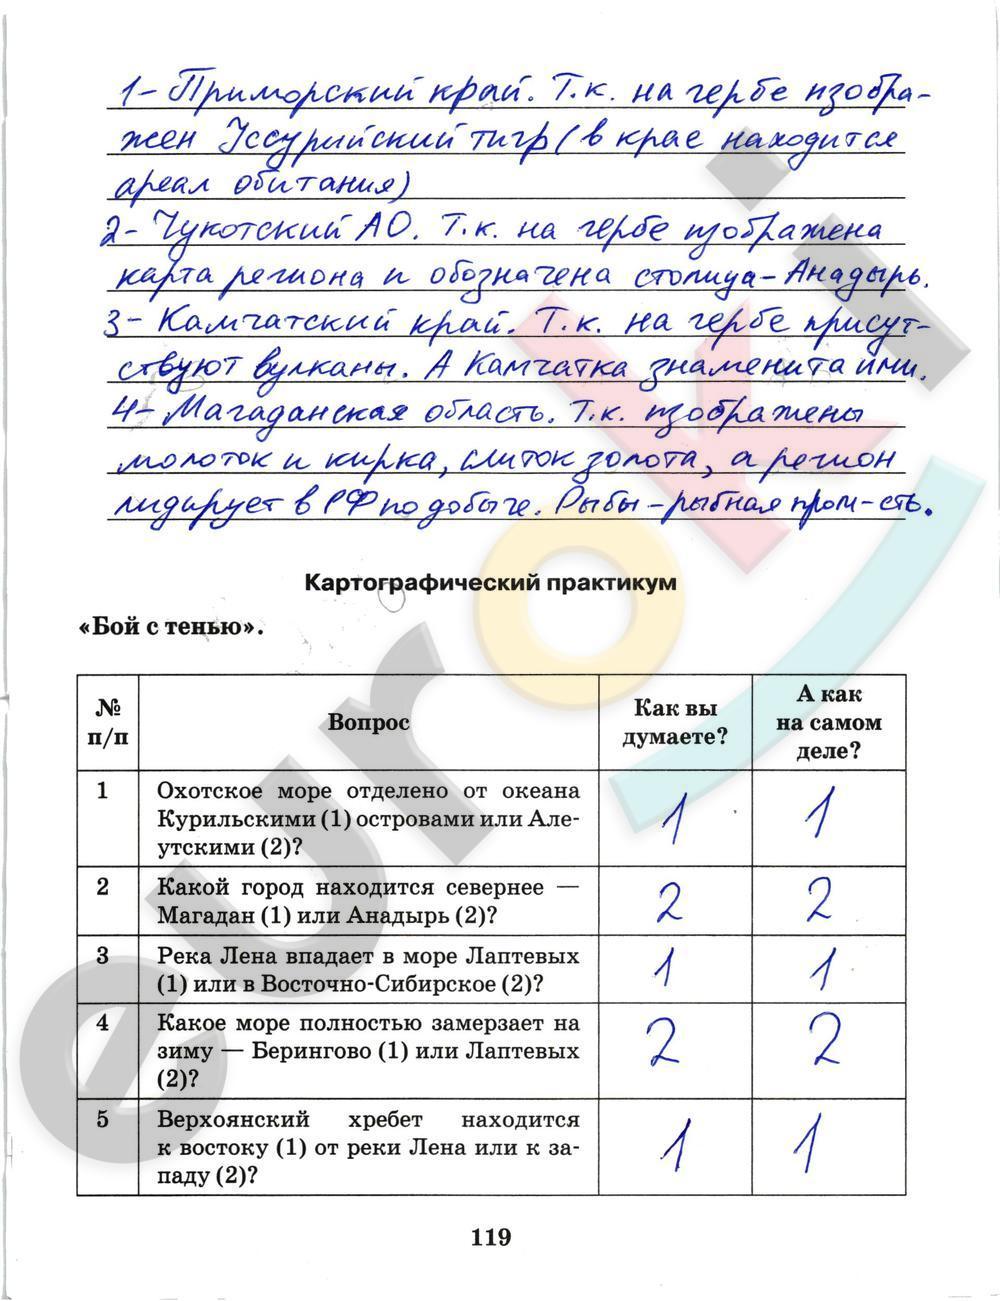 ГДЗ по географии 9 класс рабочая тетрадь Домогацких Часть 1, 2. Задание: стр. 119